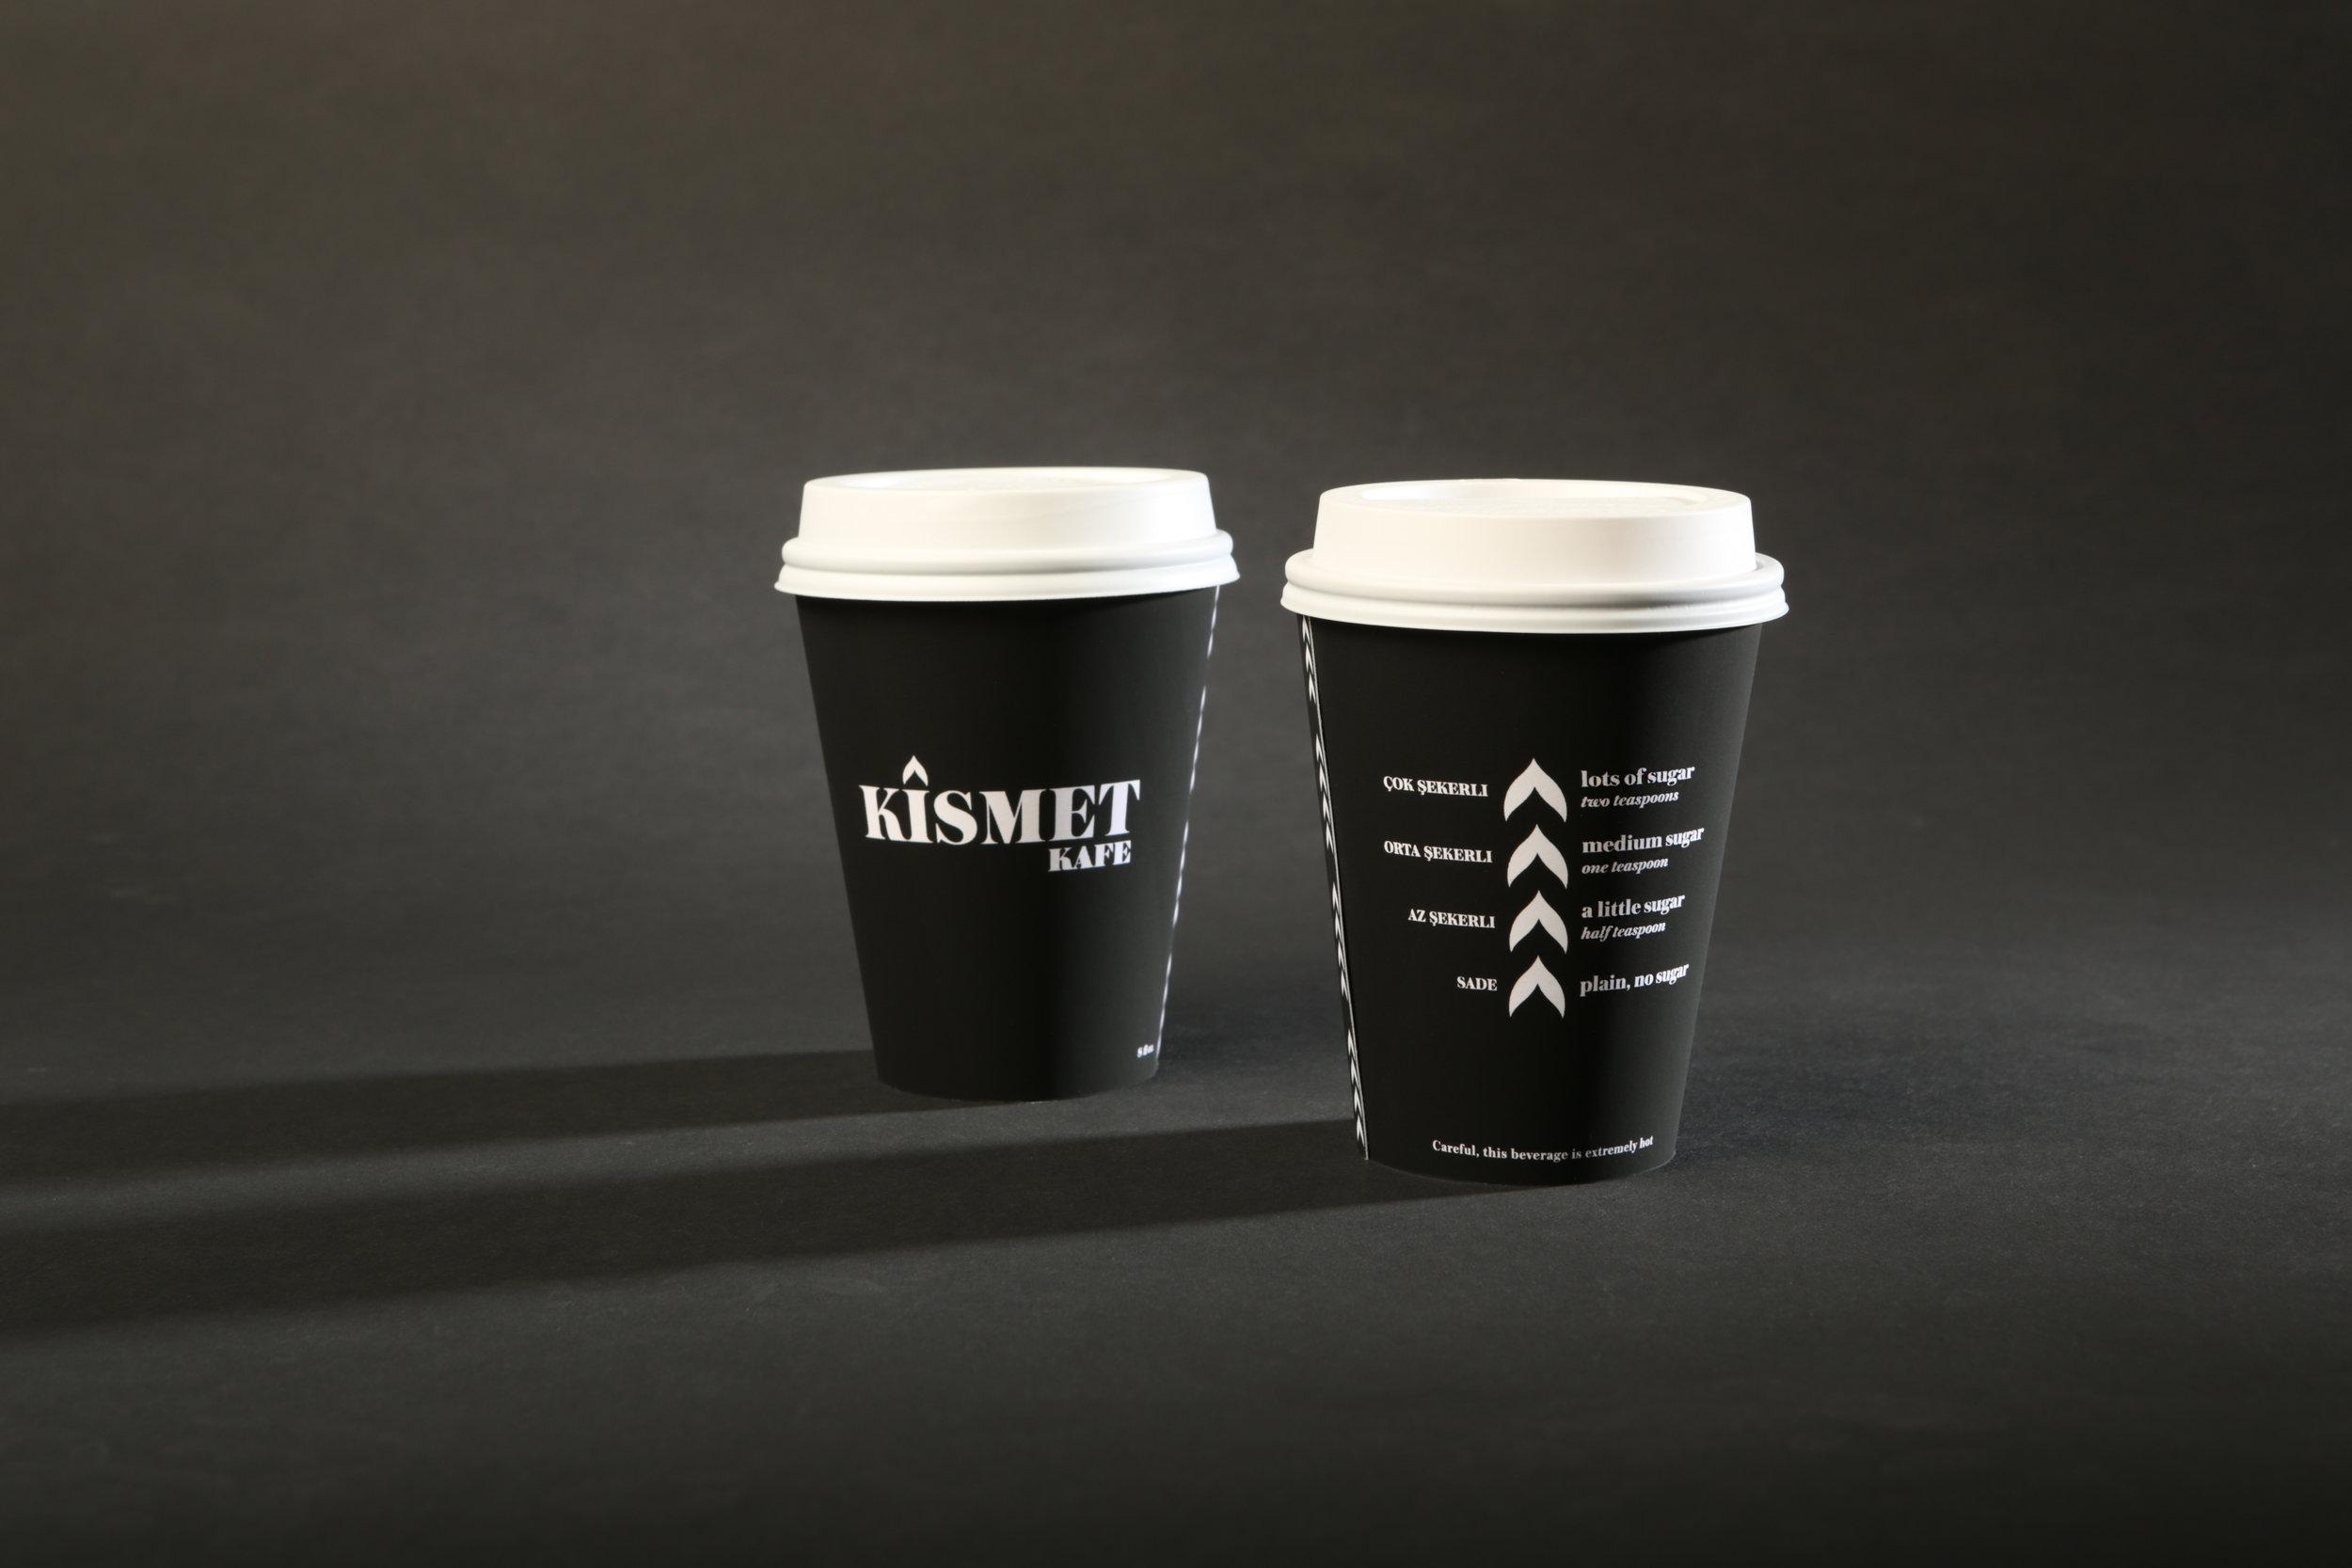 kismet cups.jpg